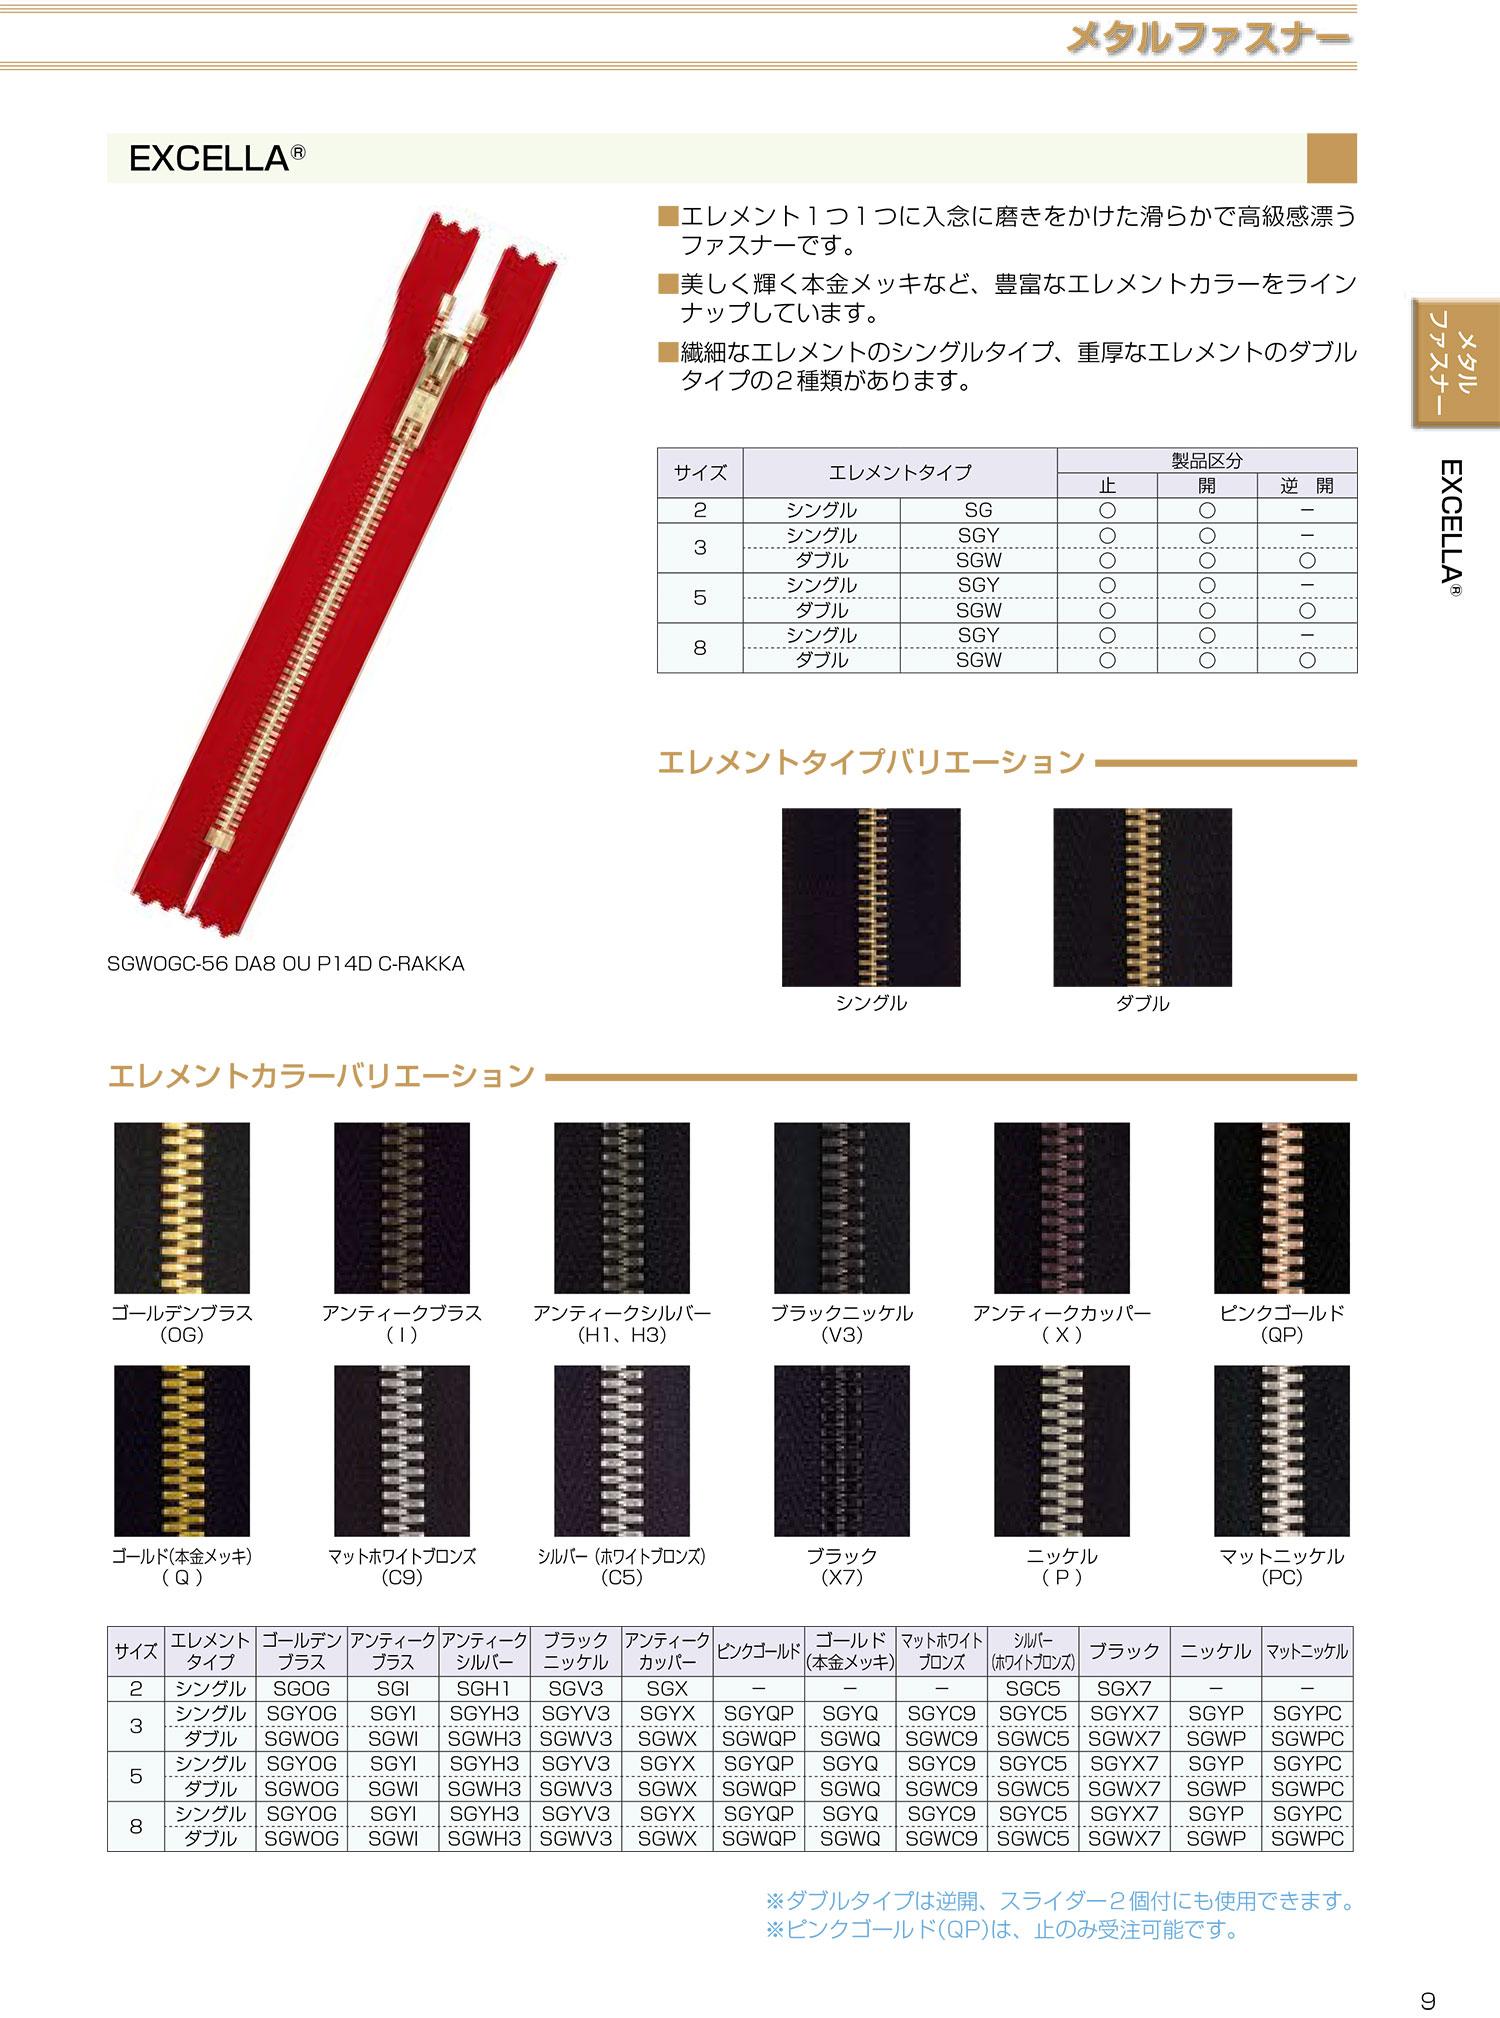 5SGWIOR エクセラ 5サイズ アンティークブラス オープン ダブル[ファスナー] YKK/オークラ商事 - ApparelX アパレル資材卸通販